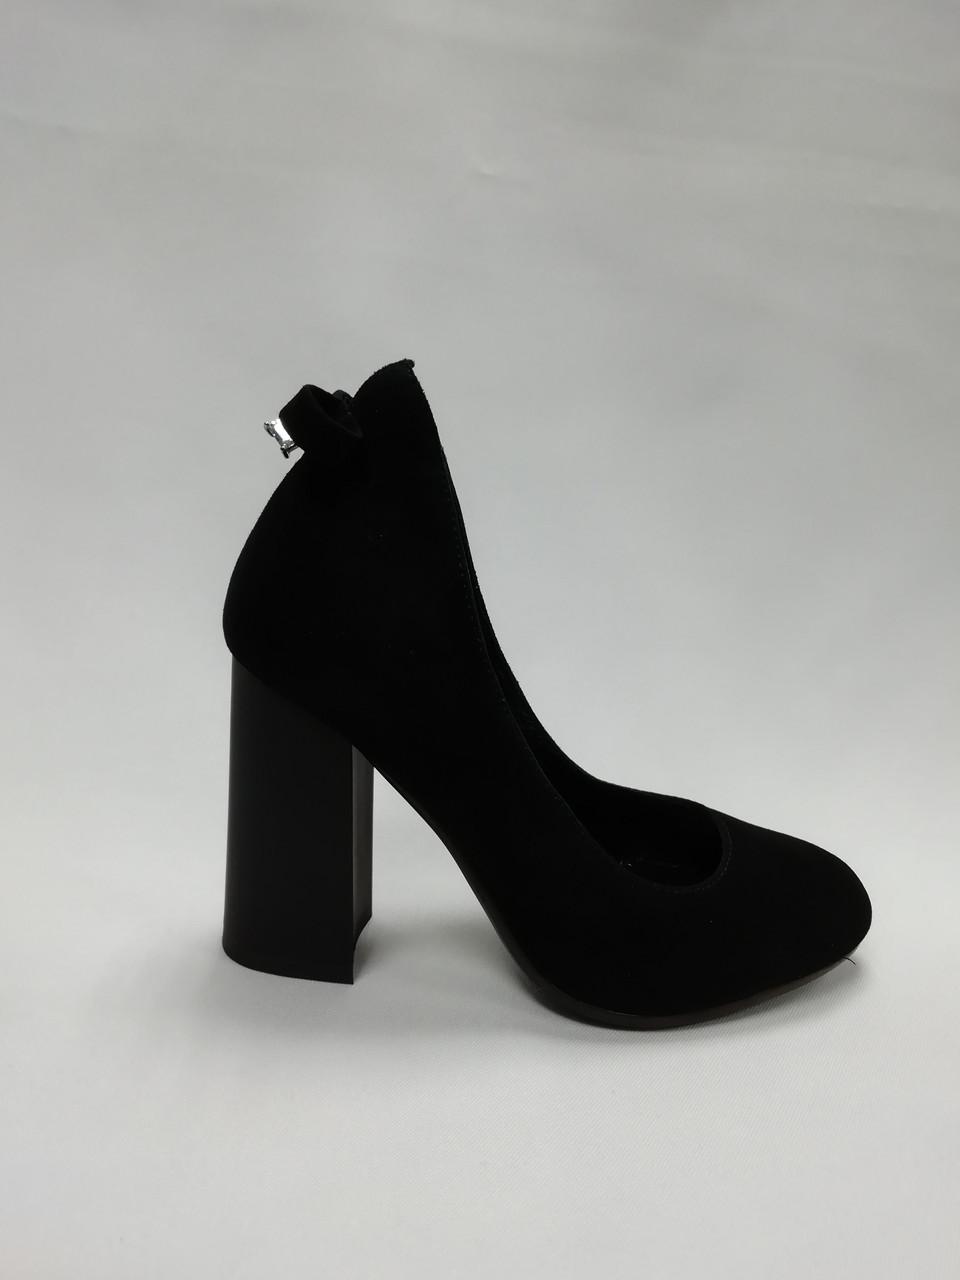 Черные замшевые туфли на каблуке. Маленькие ( 33 - 35)  размеры.